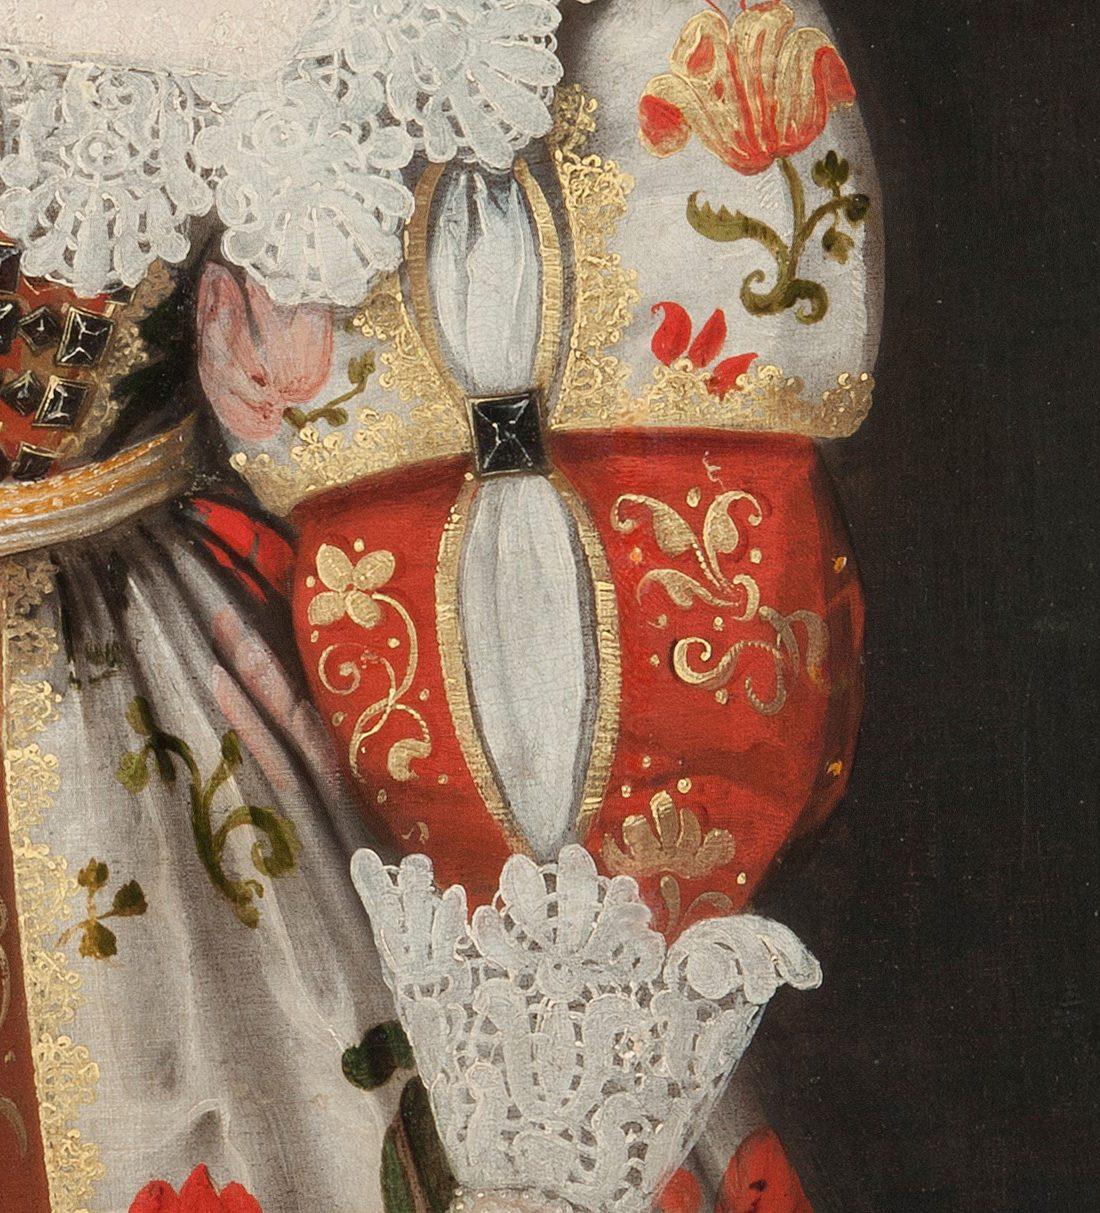 Detaljbild av ärmen, med brokiga tyger och framvällande spets.